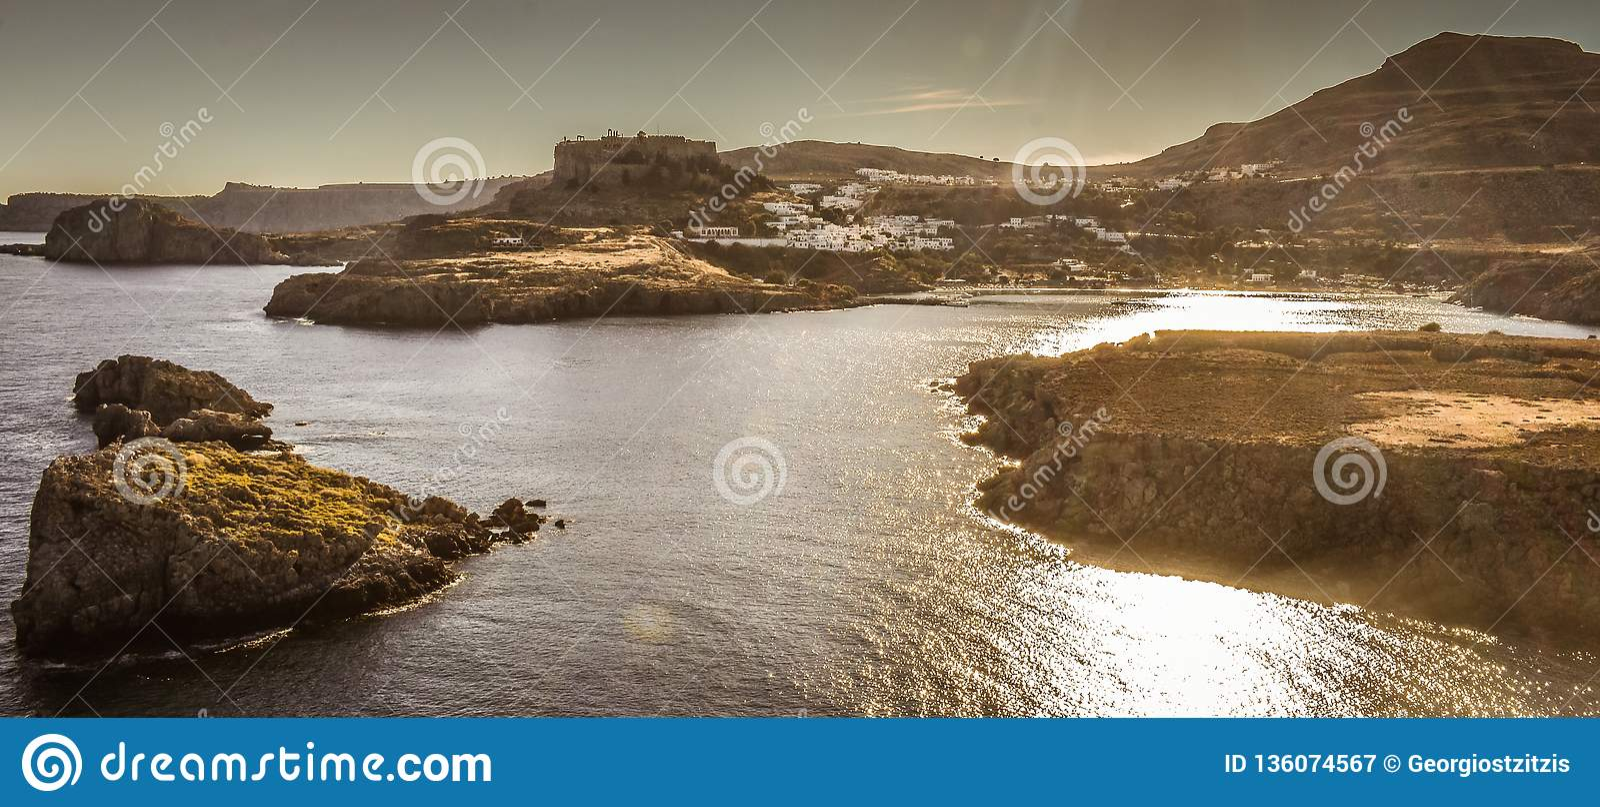 A acrópole e a vila da foto de Lindos tomadas do monte do túmulo de Kleovoulos